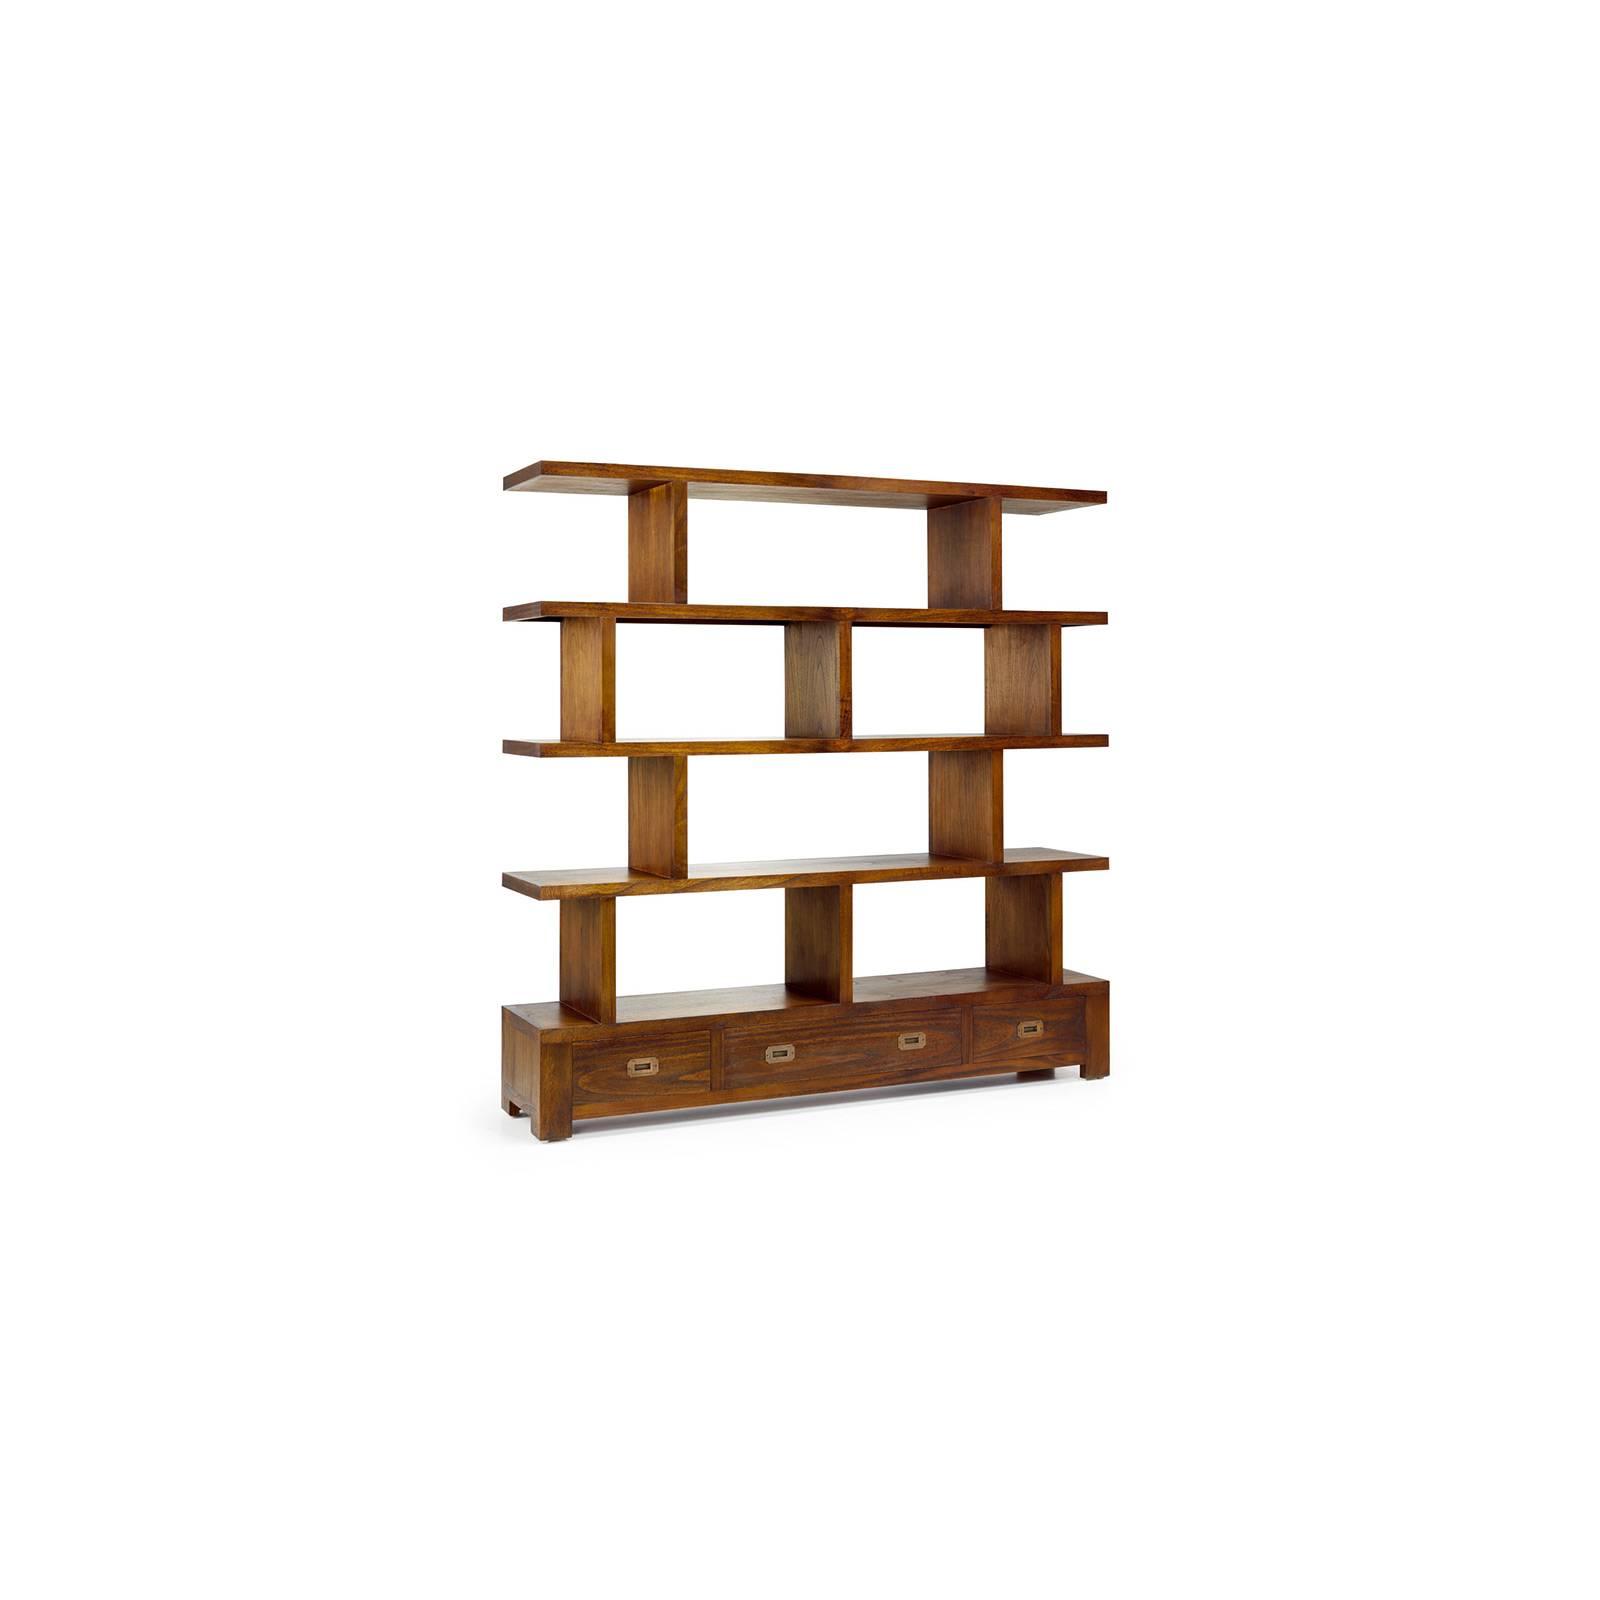 Bibliothèque Asymétrique Tali Mindy - meuble bois exotique